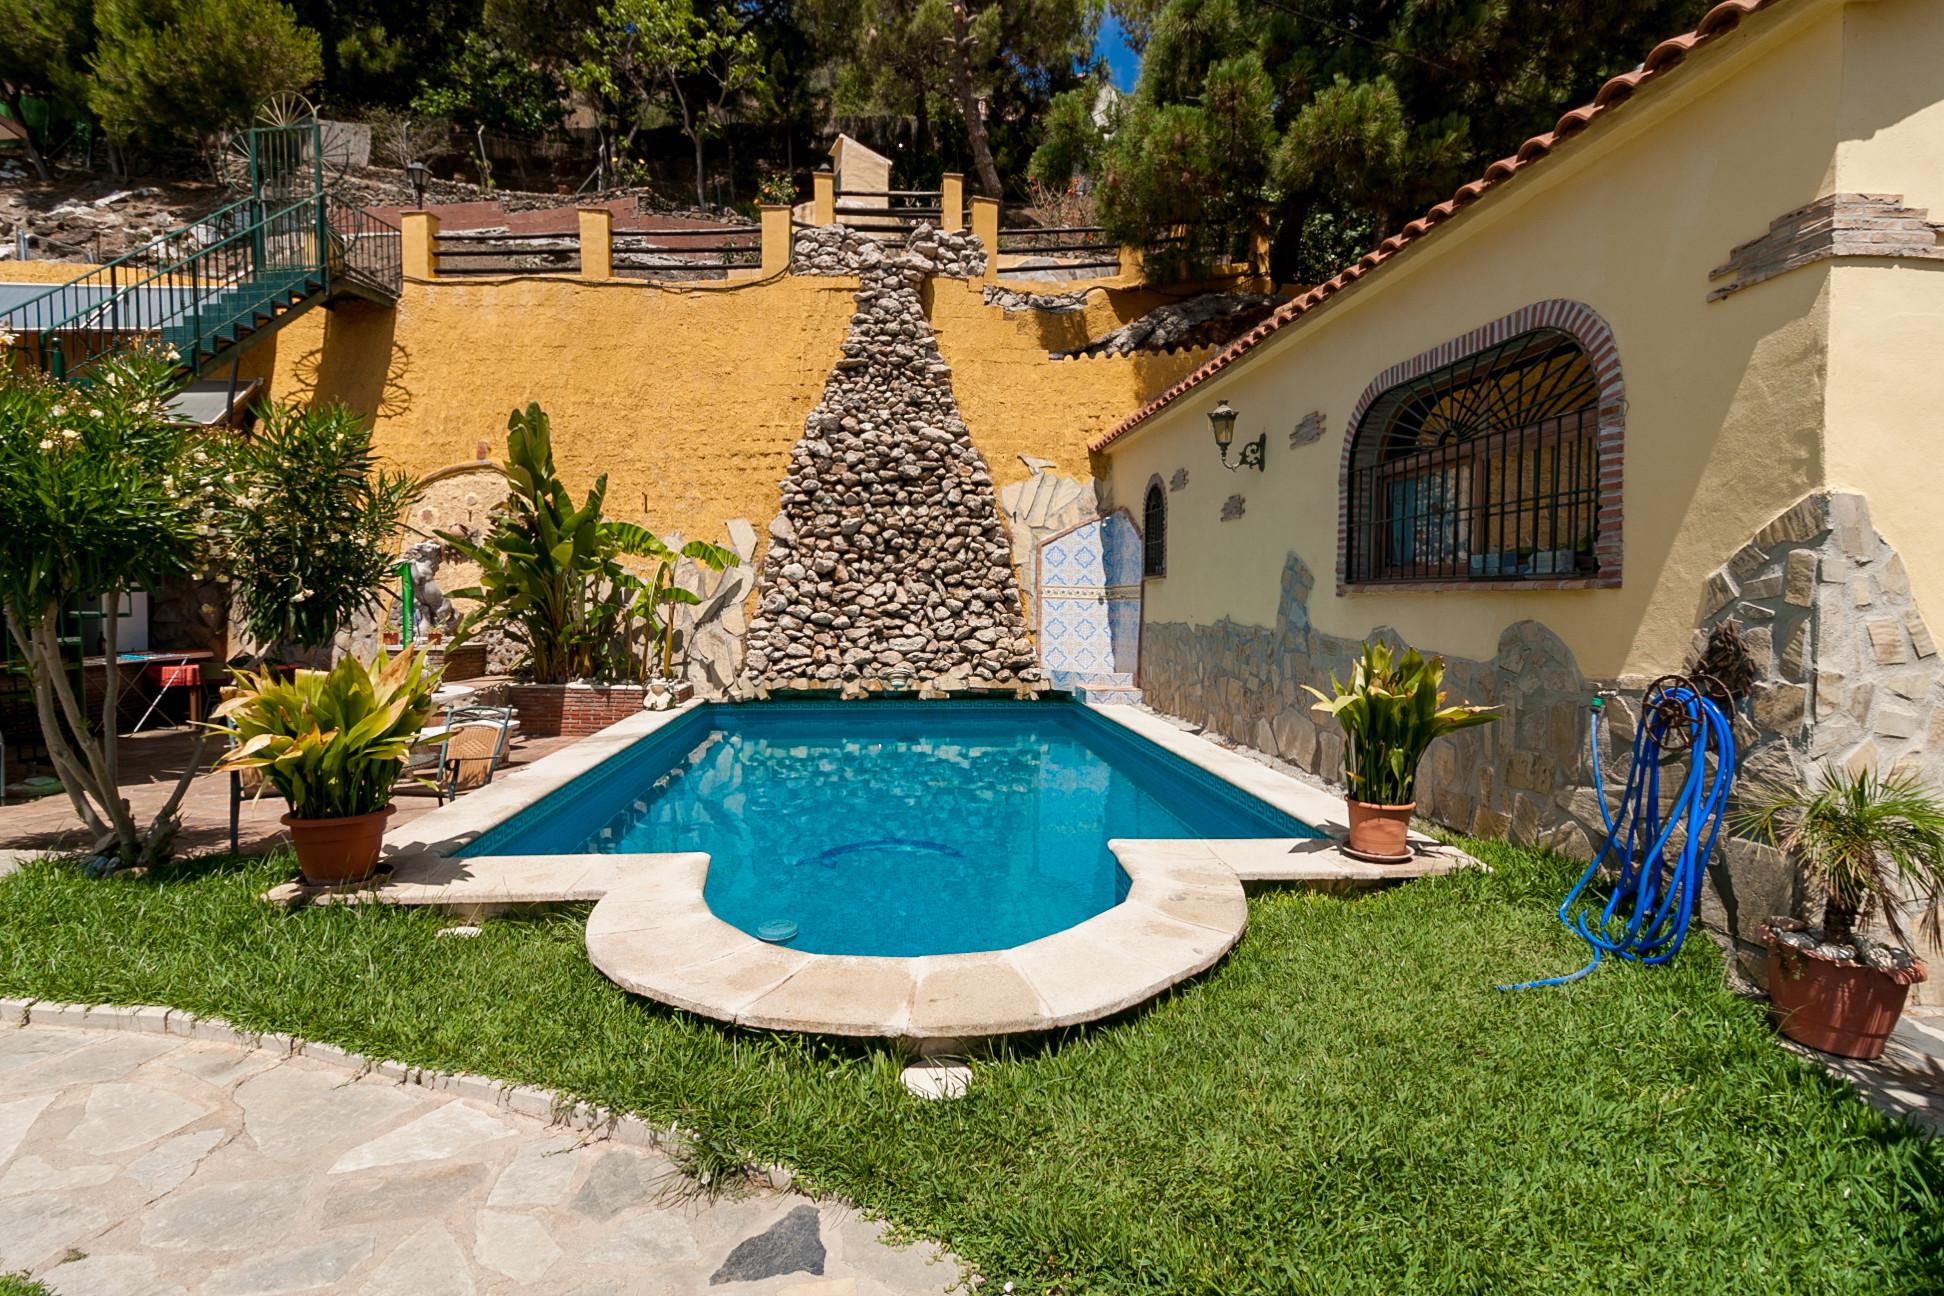 Villas en Frigiliana - Villas Las Palomas Canovas